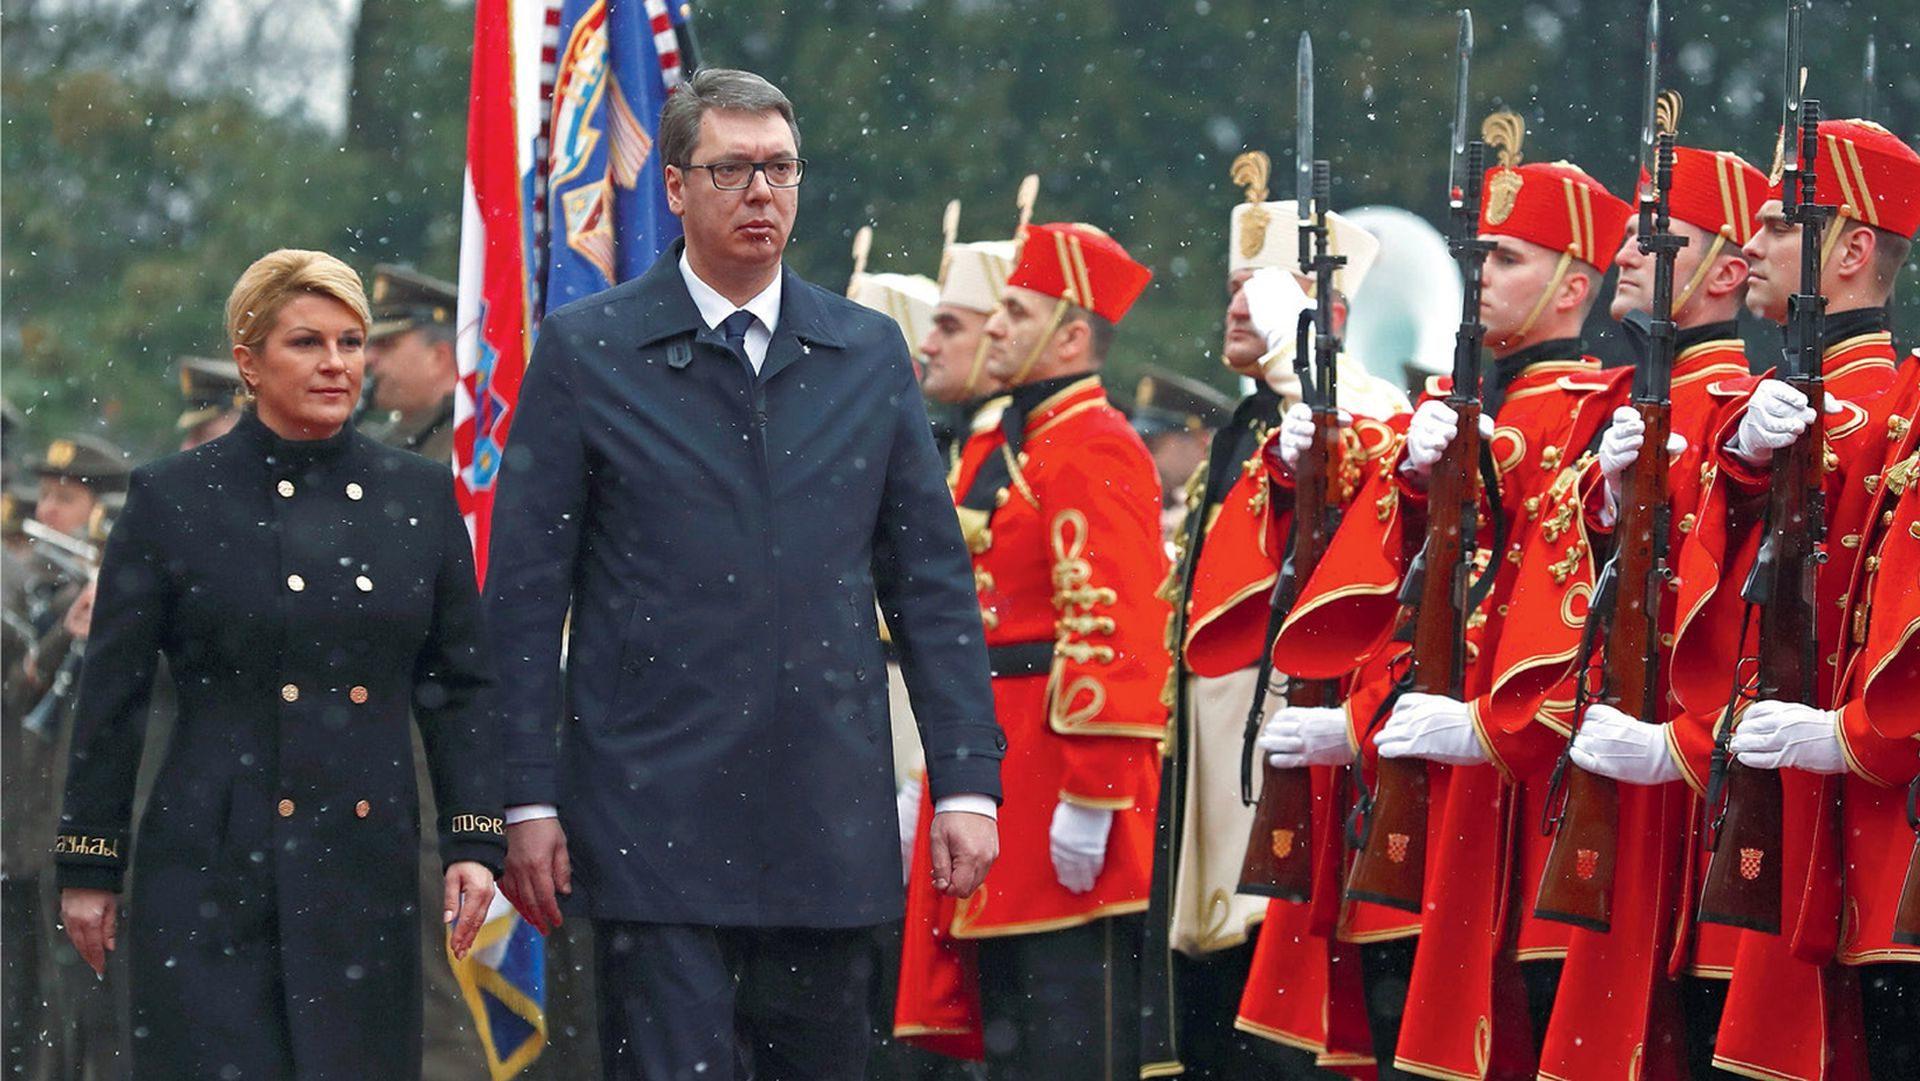 'Posjet Vučića najvažniji je iskorak u odnosima dviju zemalja'